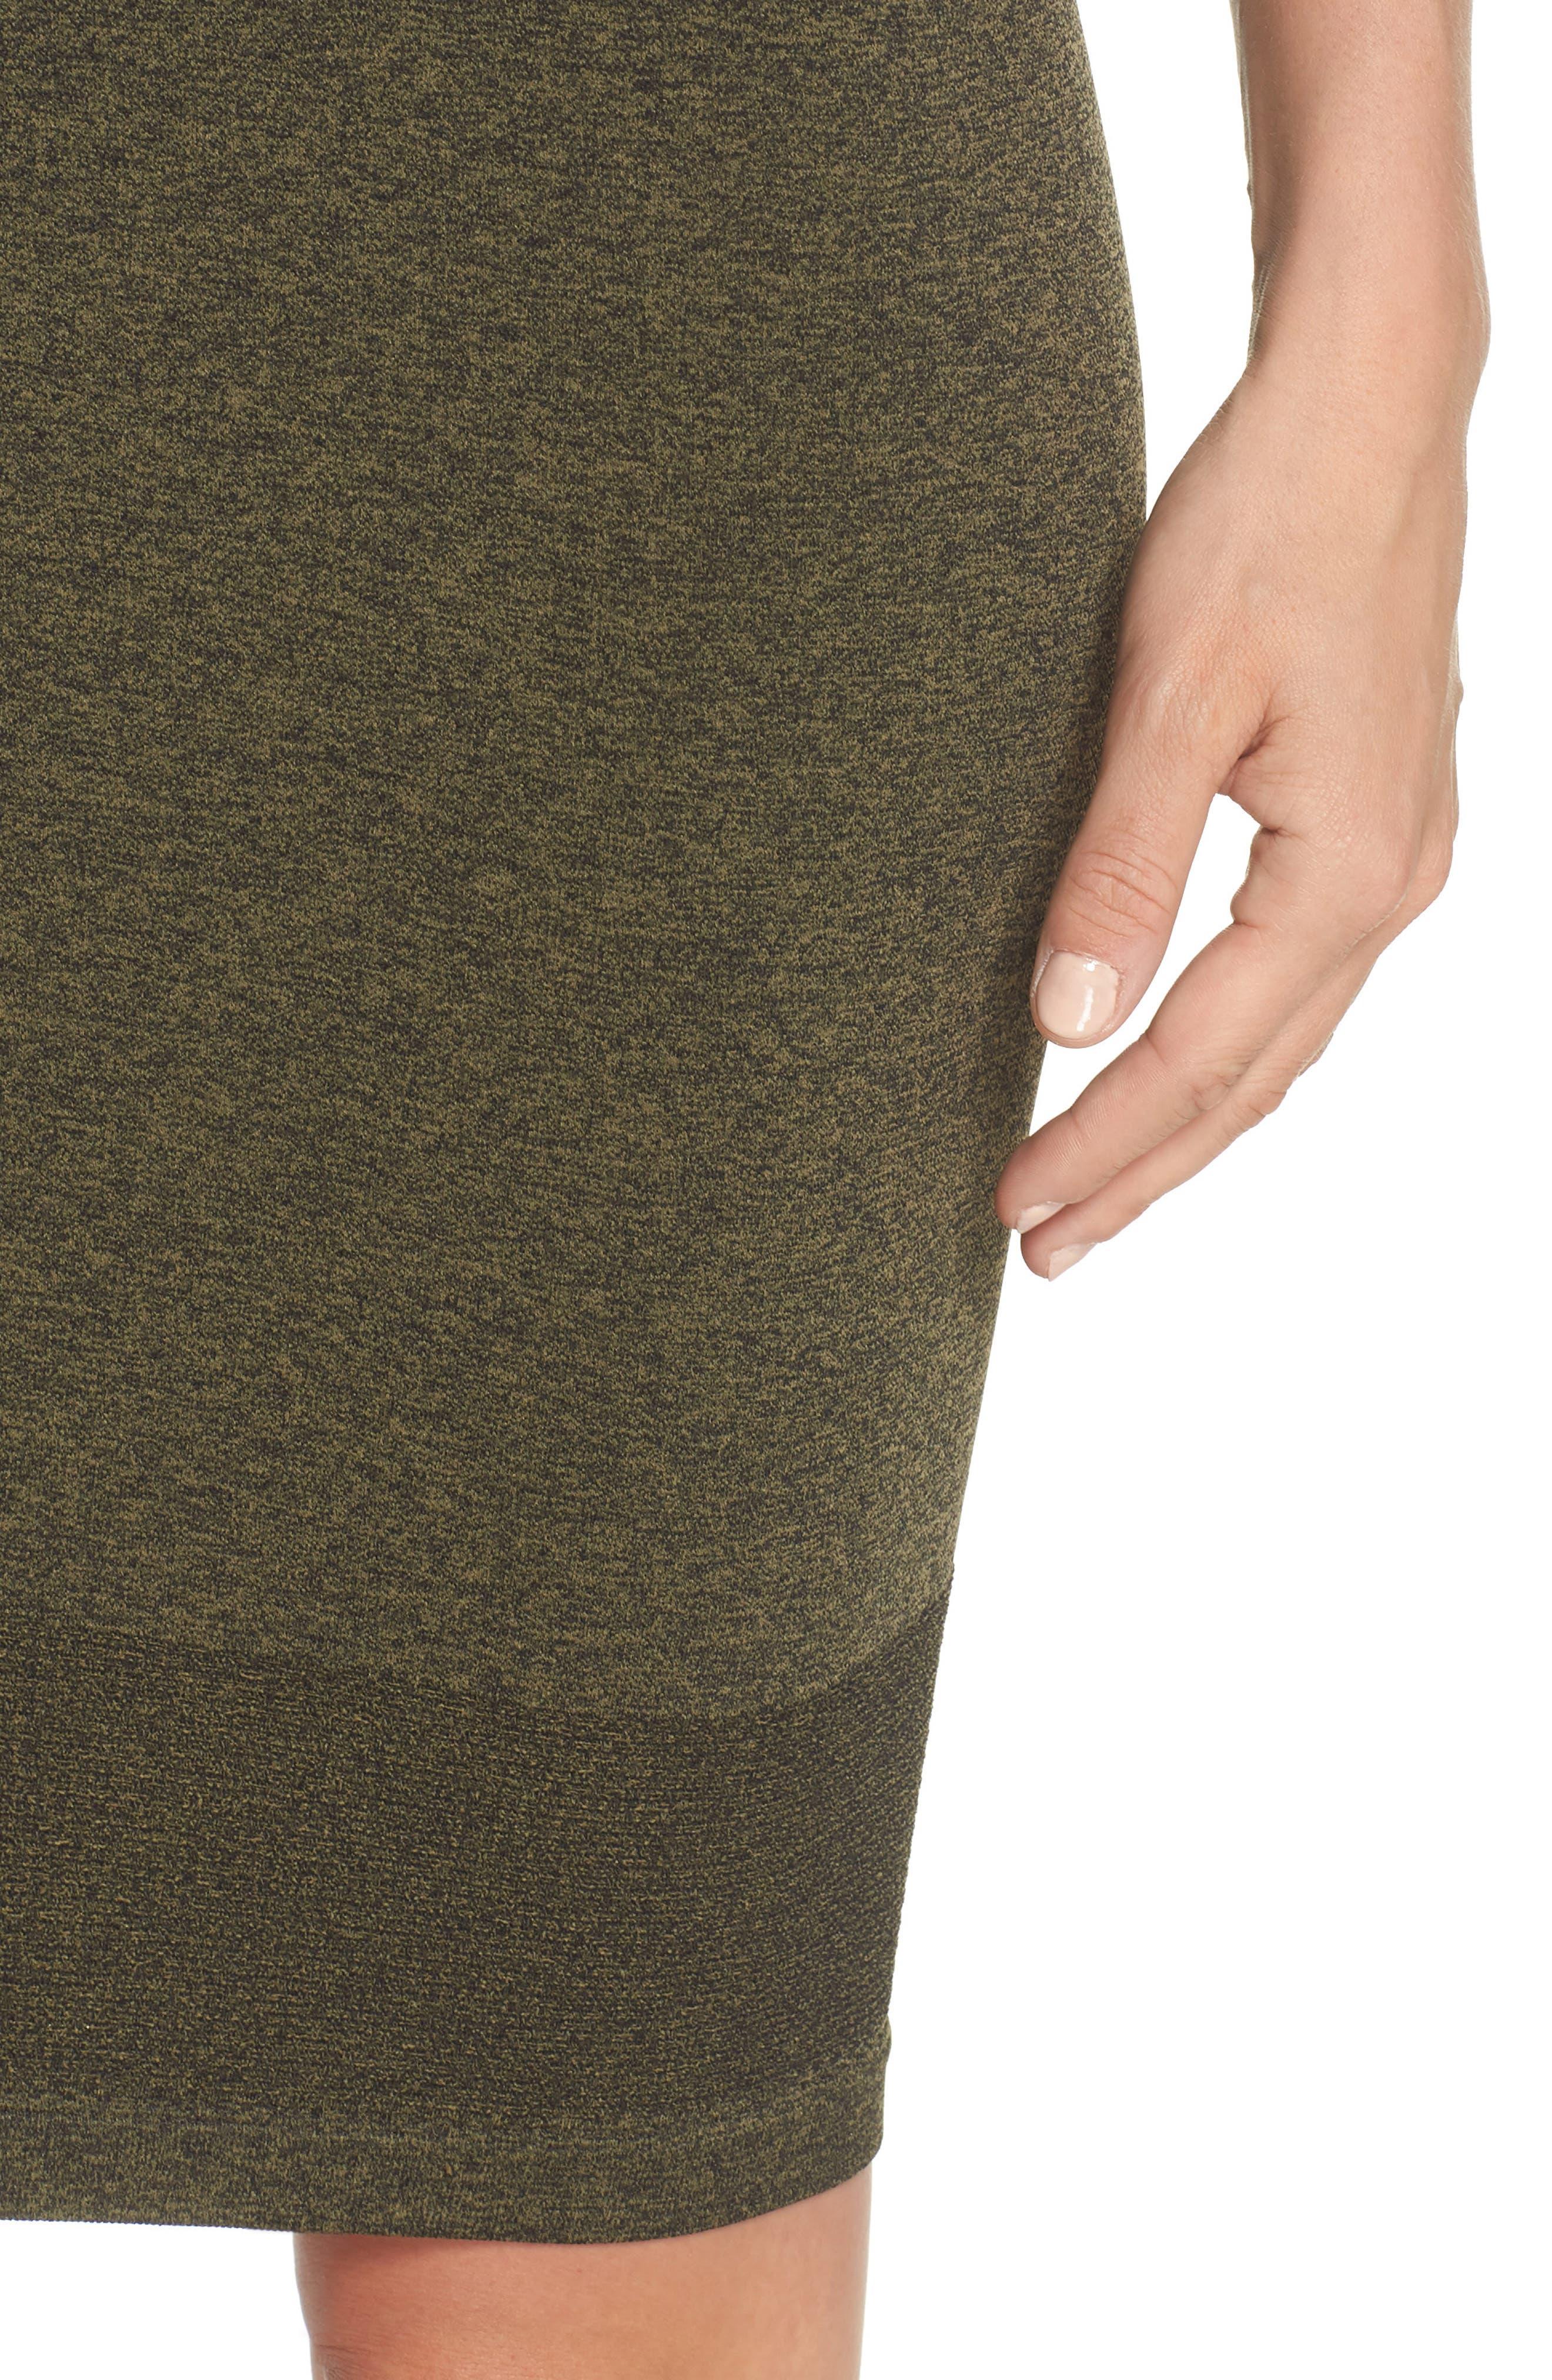 Aura Seamless Skirt,                             Alternate thumbnail 4, color,                             Deep Lichen Green/ Black